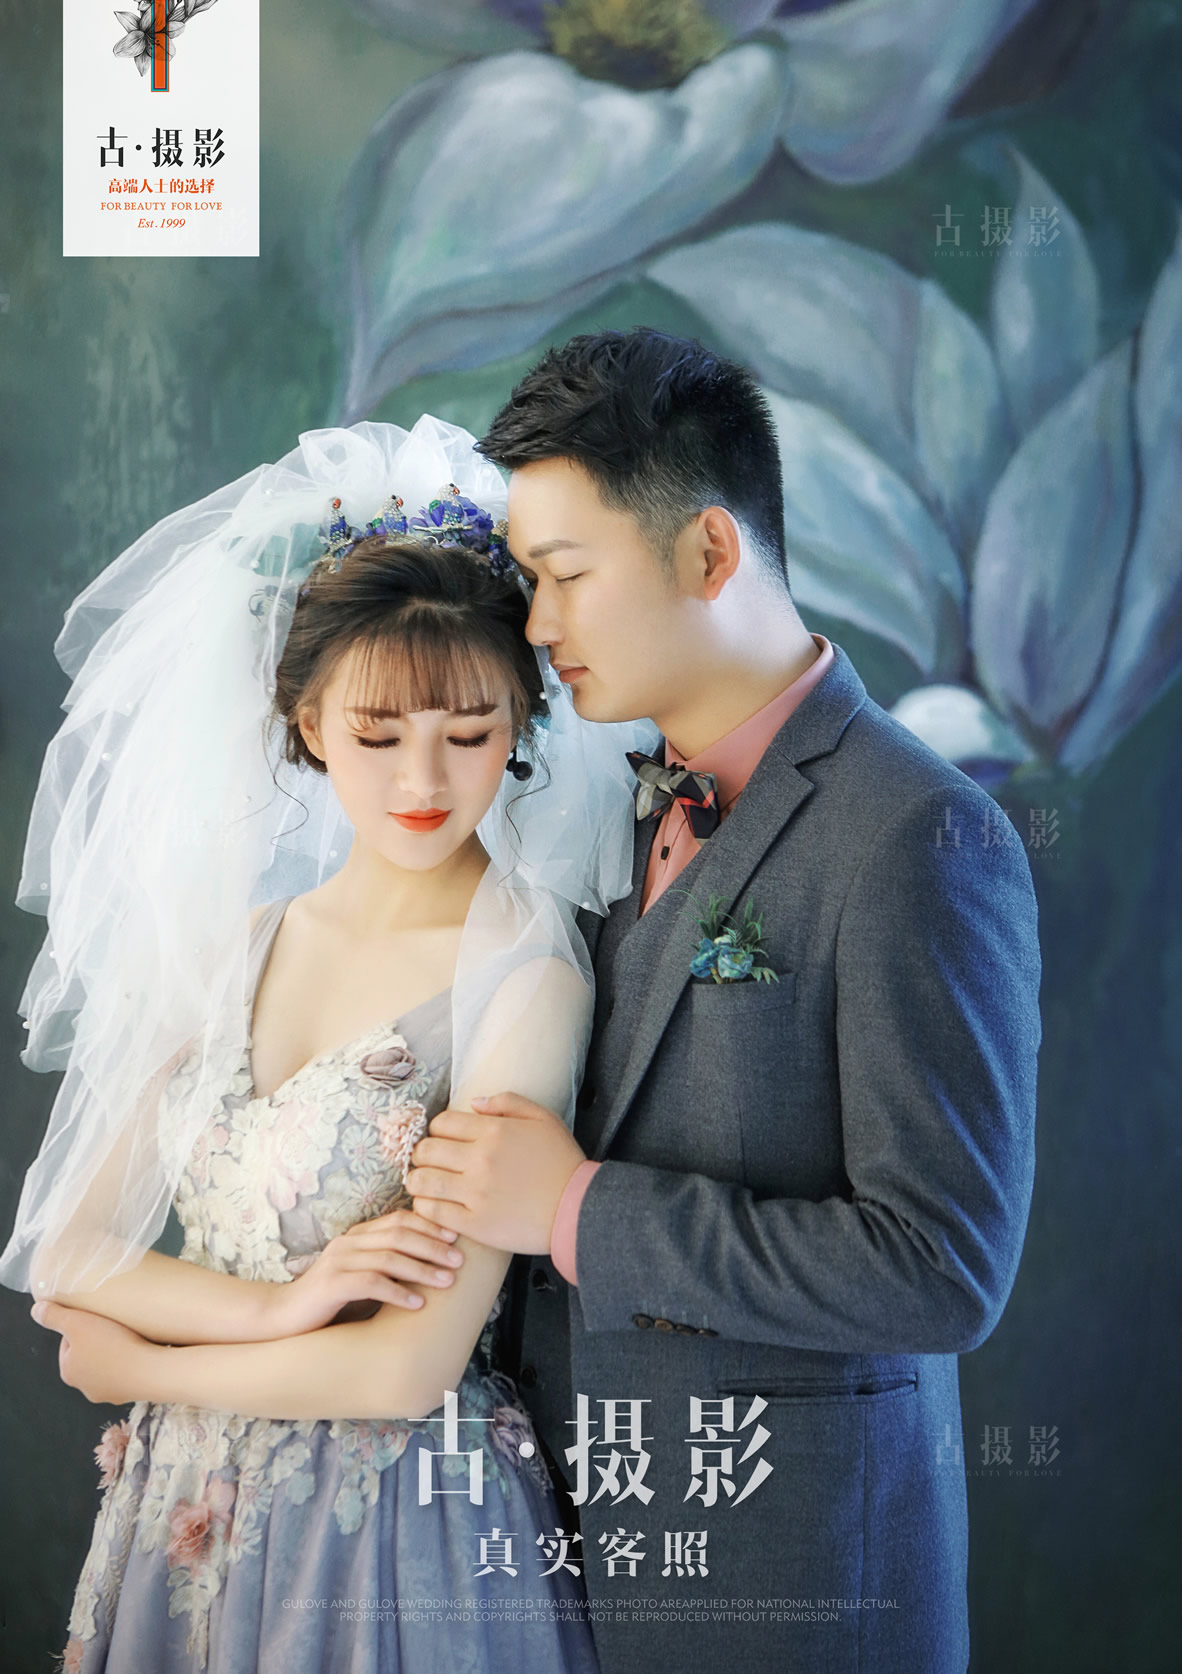 4月15日客片徐先生 杨小姐 - 每日客照 - love昆明古摄影-昆明婚纱摄影网